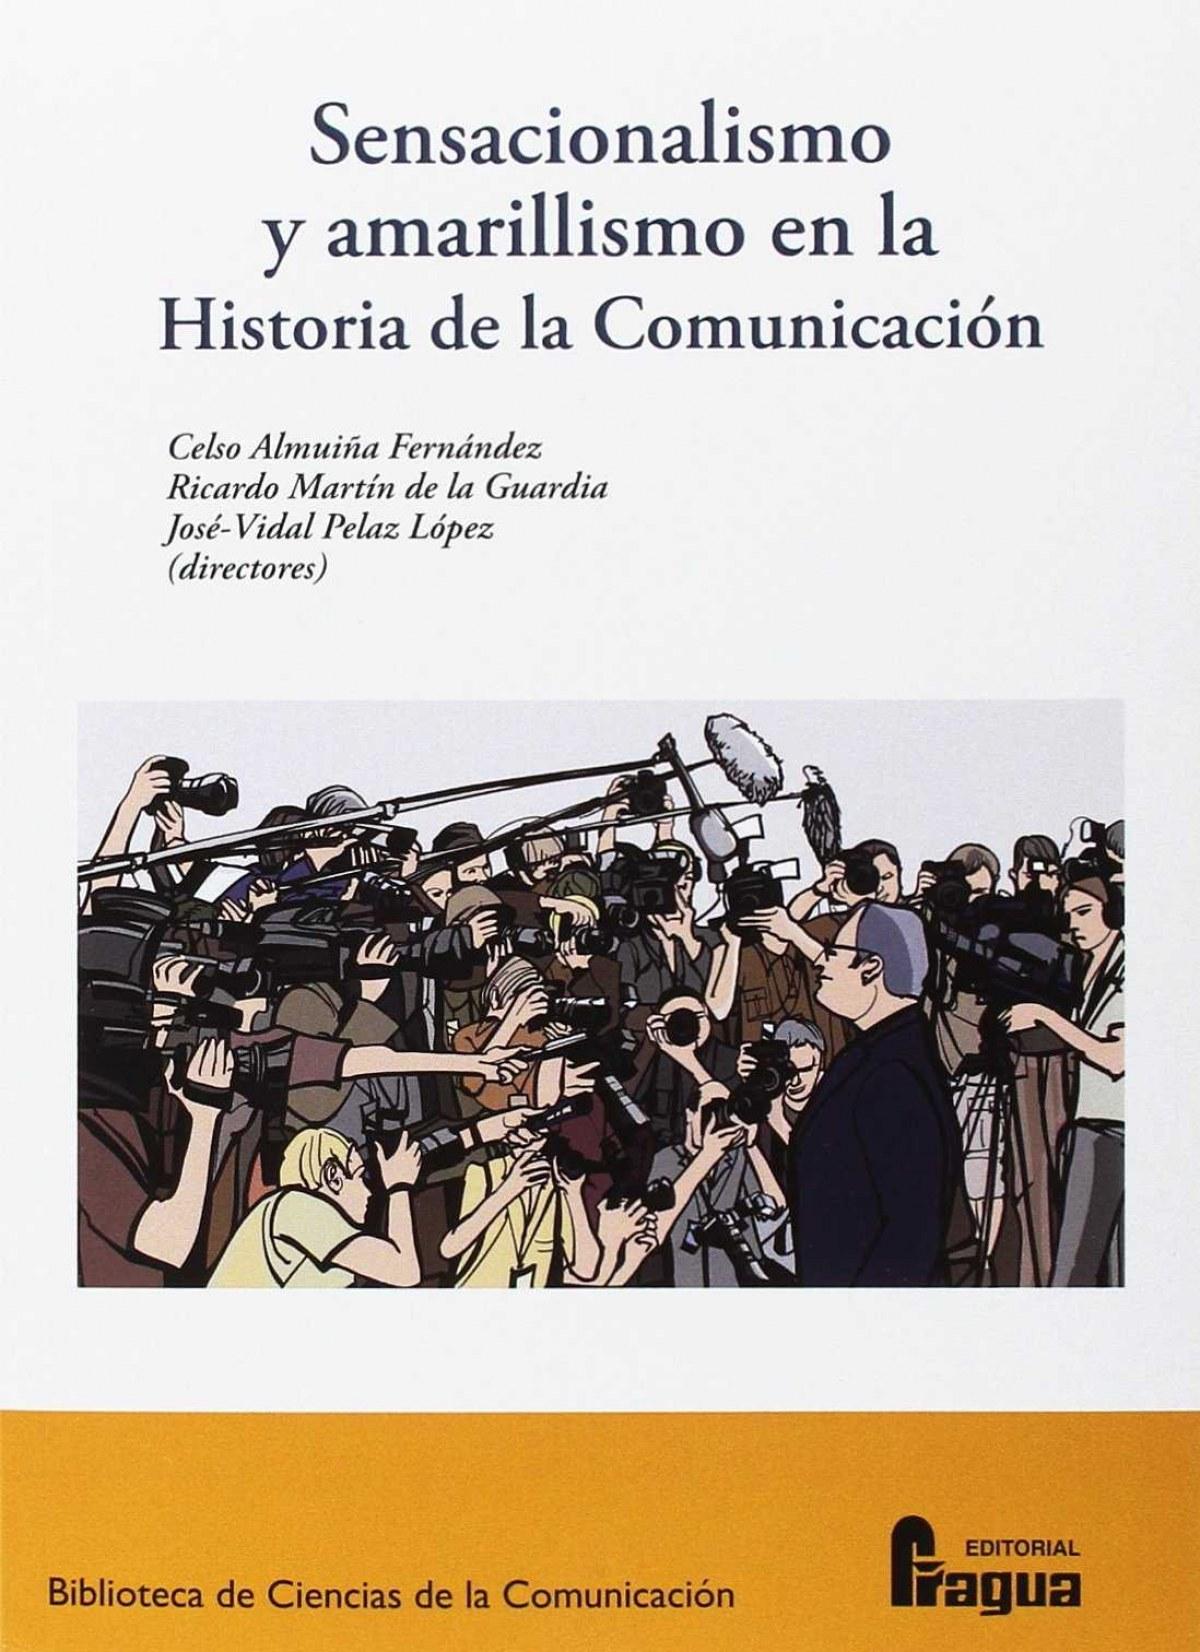 Sensacionalismo y amarillismo en la historia de la comunicación - Almuiña, Celso